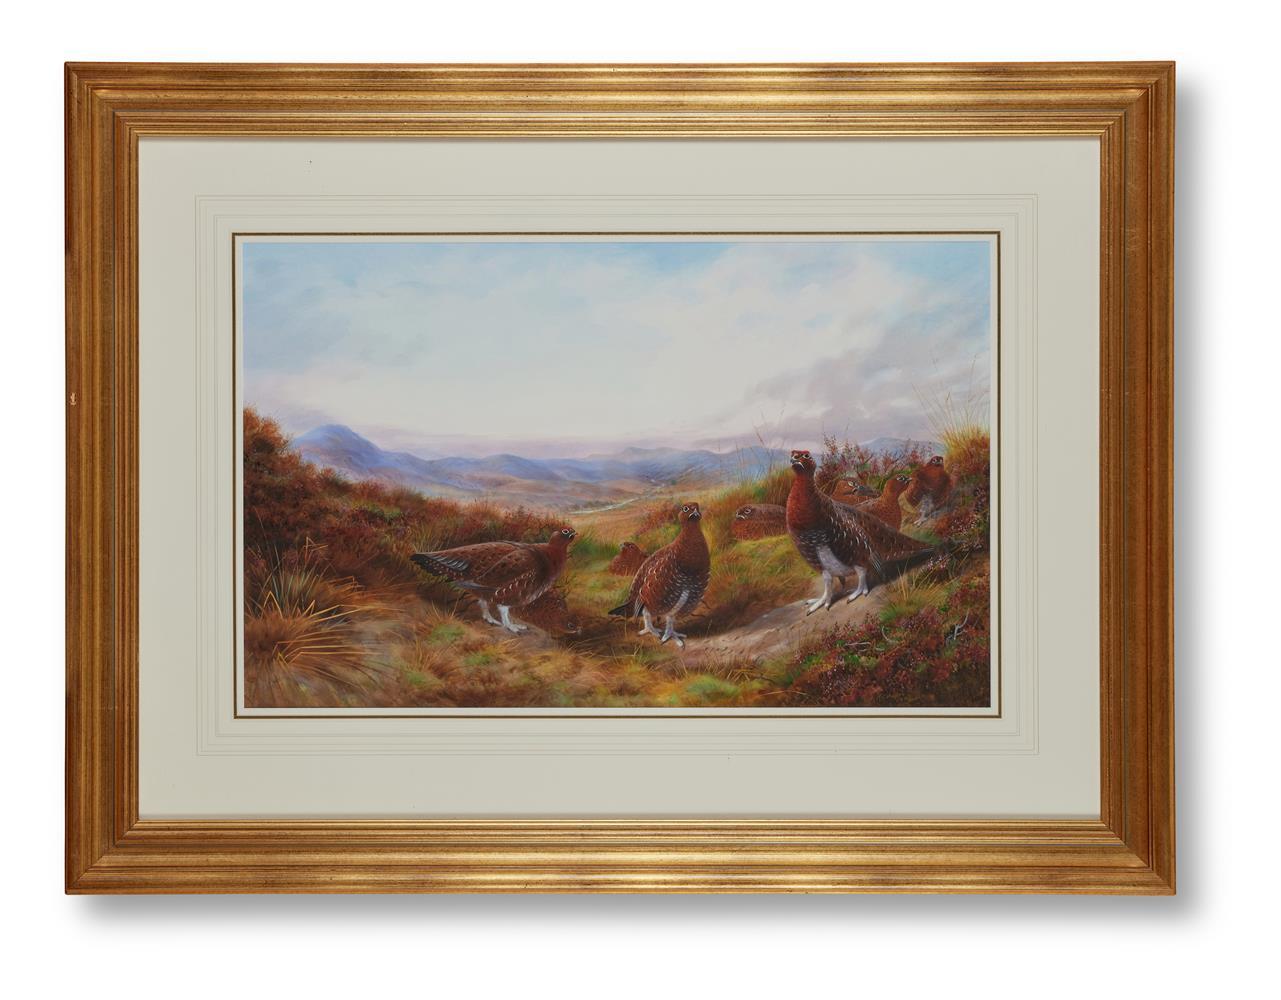 λ RICHARD DAVID KRISTUPAS (BRITISH B.1954), GROUSE IN A MOORLAND LANDSCAPE - Image 2 of 2